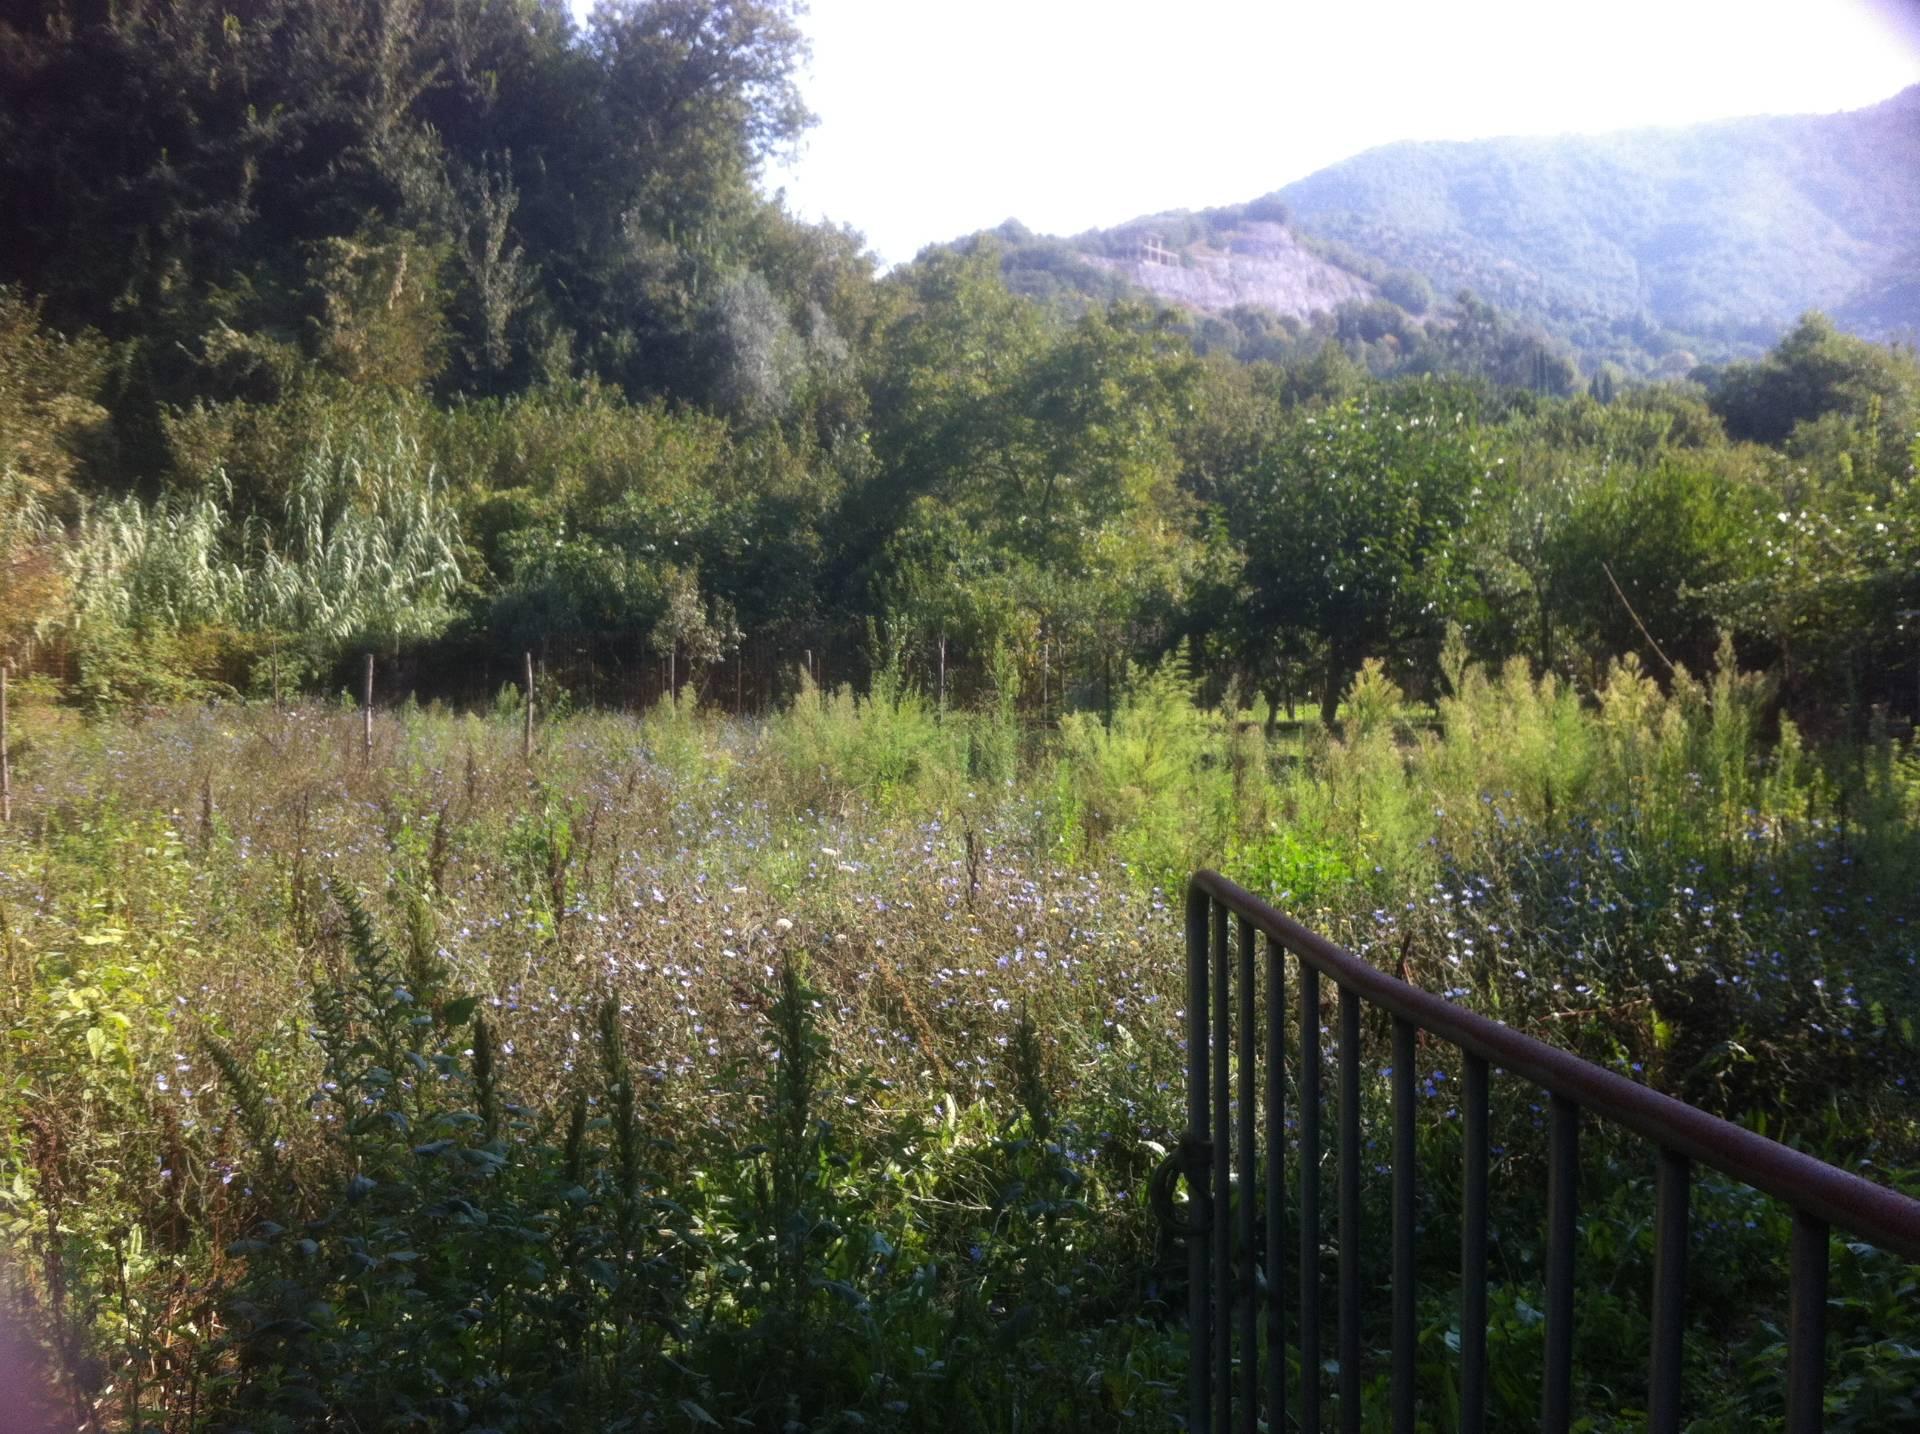 Terreno Agricolo in vendita a Pellezzano, 9999 locali, zona Zona: Coperchia, prezzo € 15.000 | CambioCasa.it